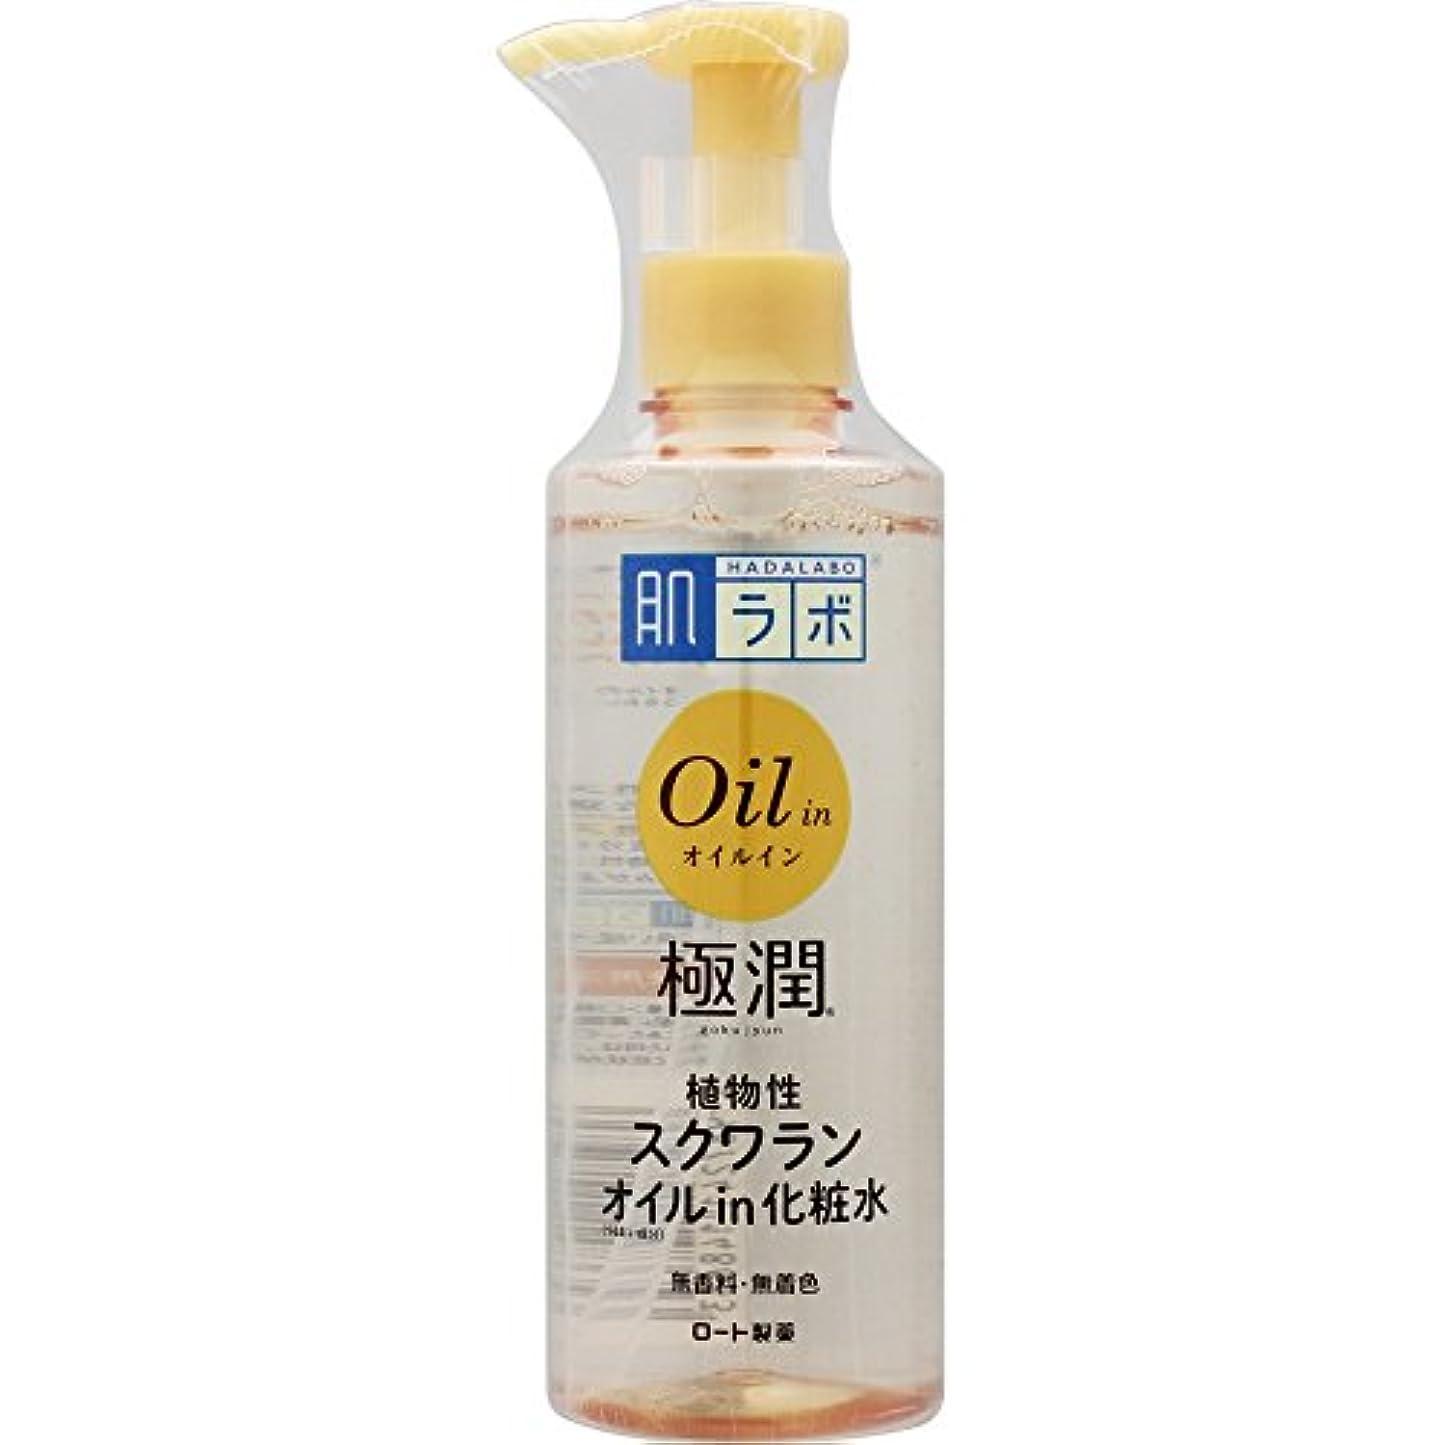 剪断いとこ縮約肌ラボ 極潤オイルイン化粧水 植物性スクワランオイル配合 220ml